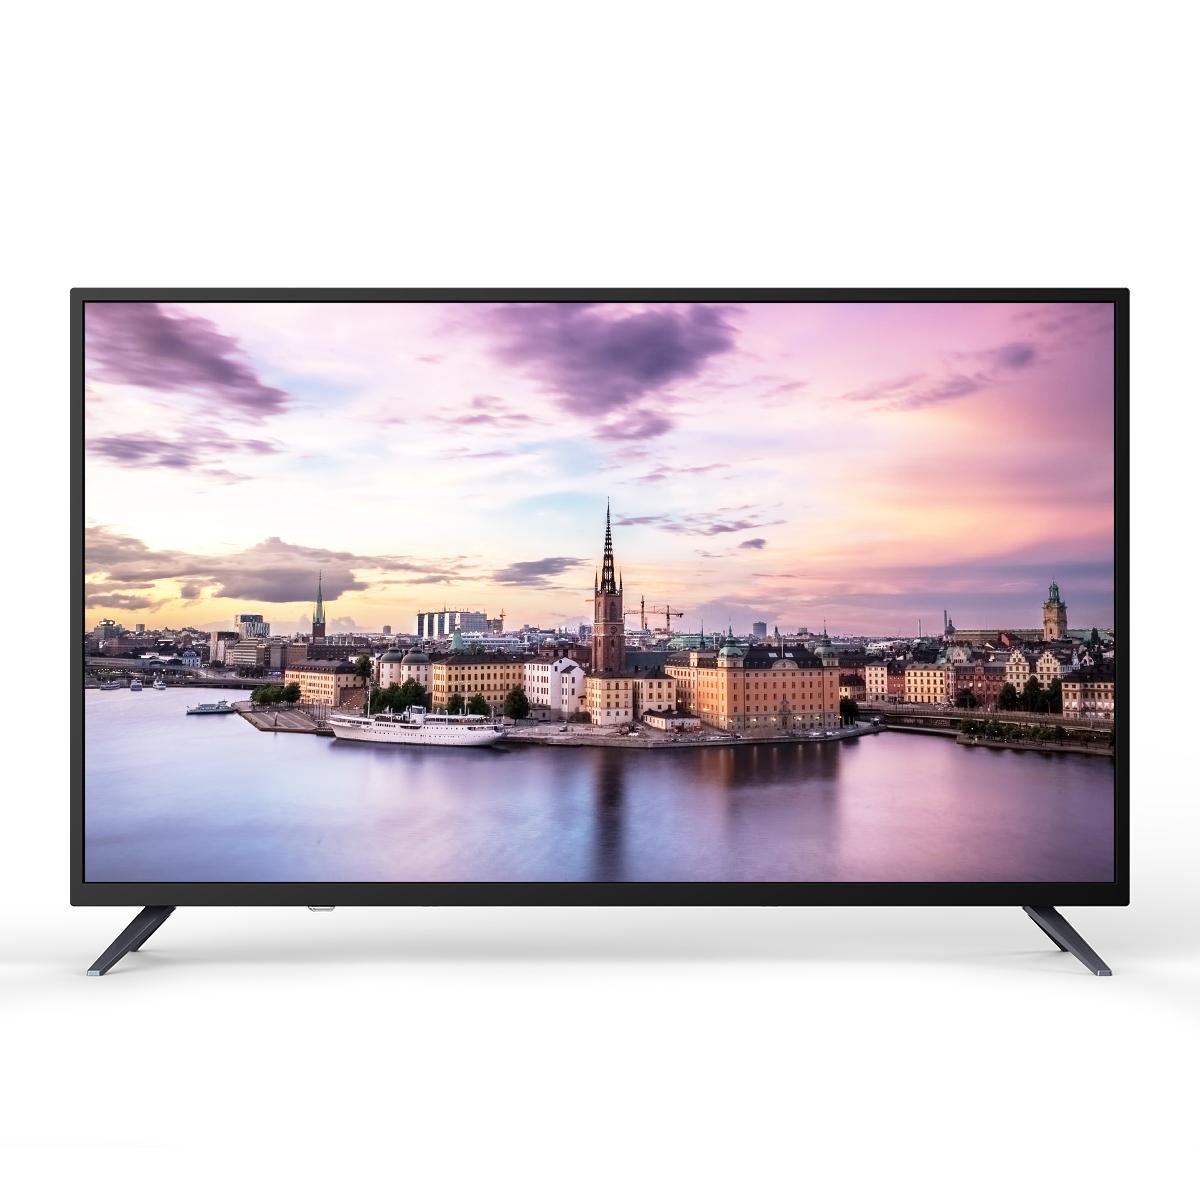 시티브 smart 43 무결점 UHDTV 와이파이 LG ips 패널적용 HK430UDNTV, 스탠드형